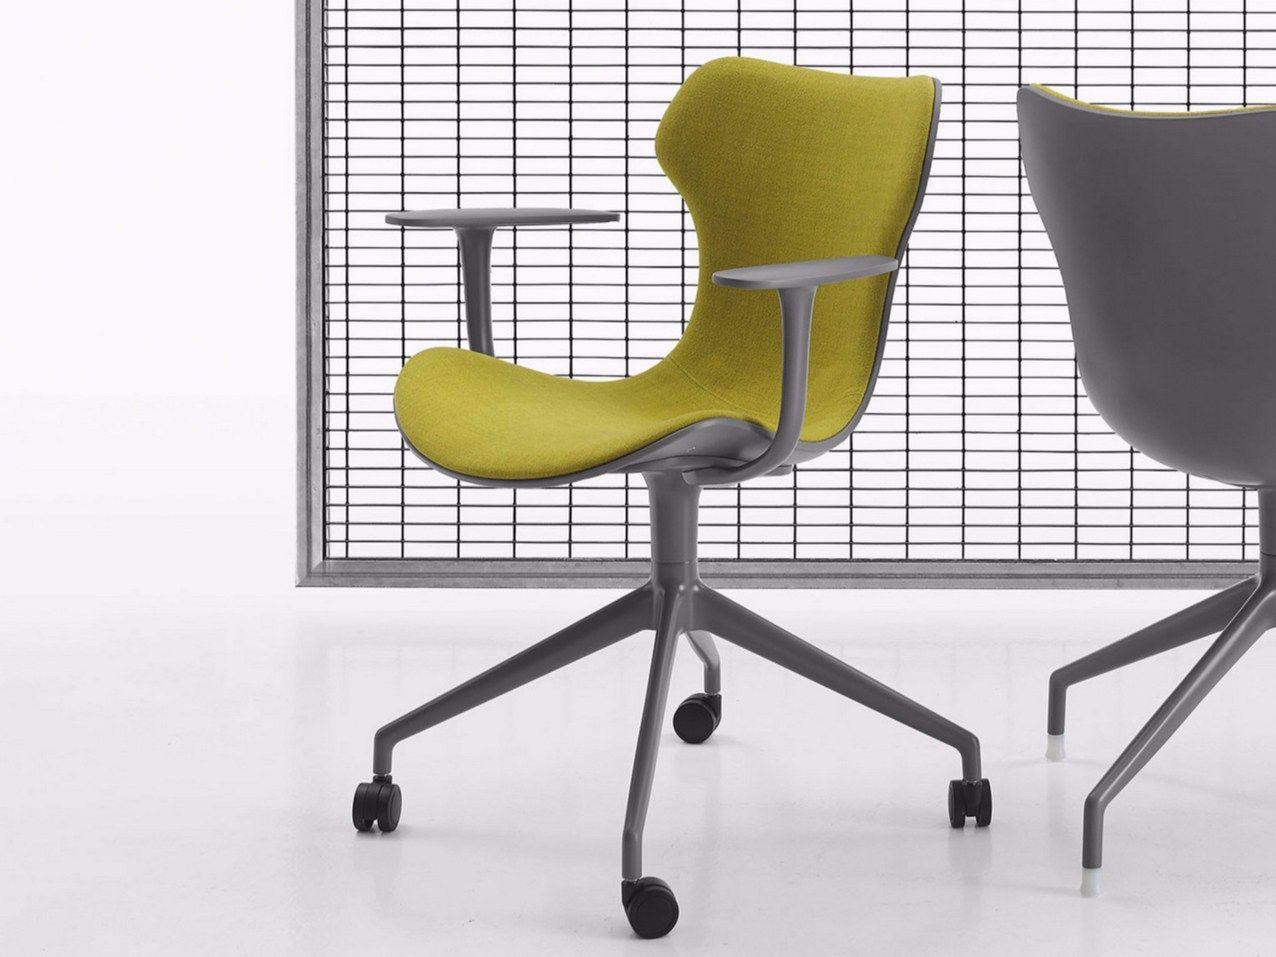 Sedie Da Ufficio Senza Rotelle : Sedie da ufficio senza ruote senza braccioli su ruote with sedie